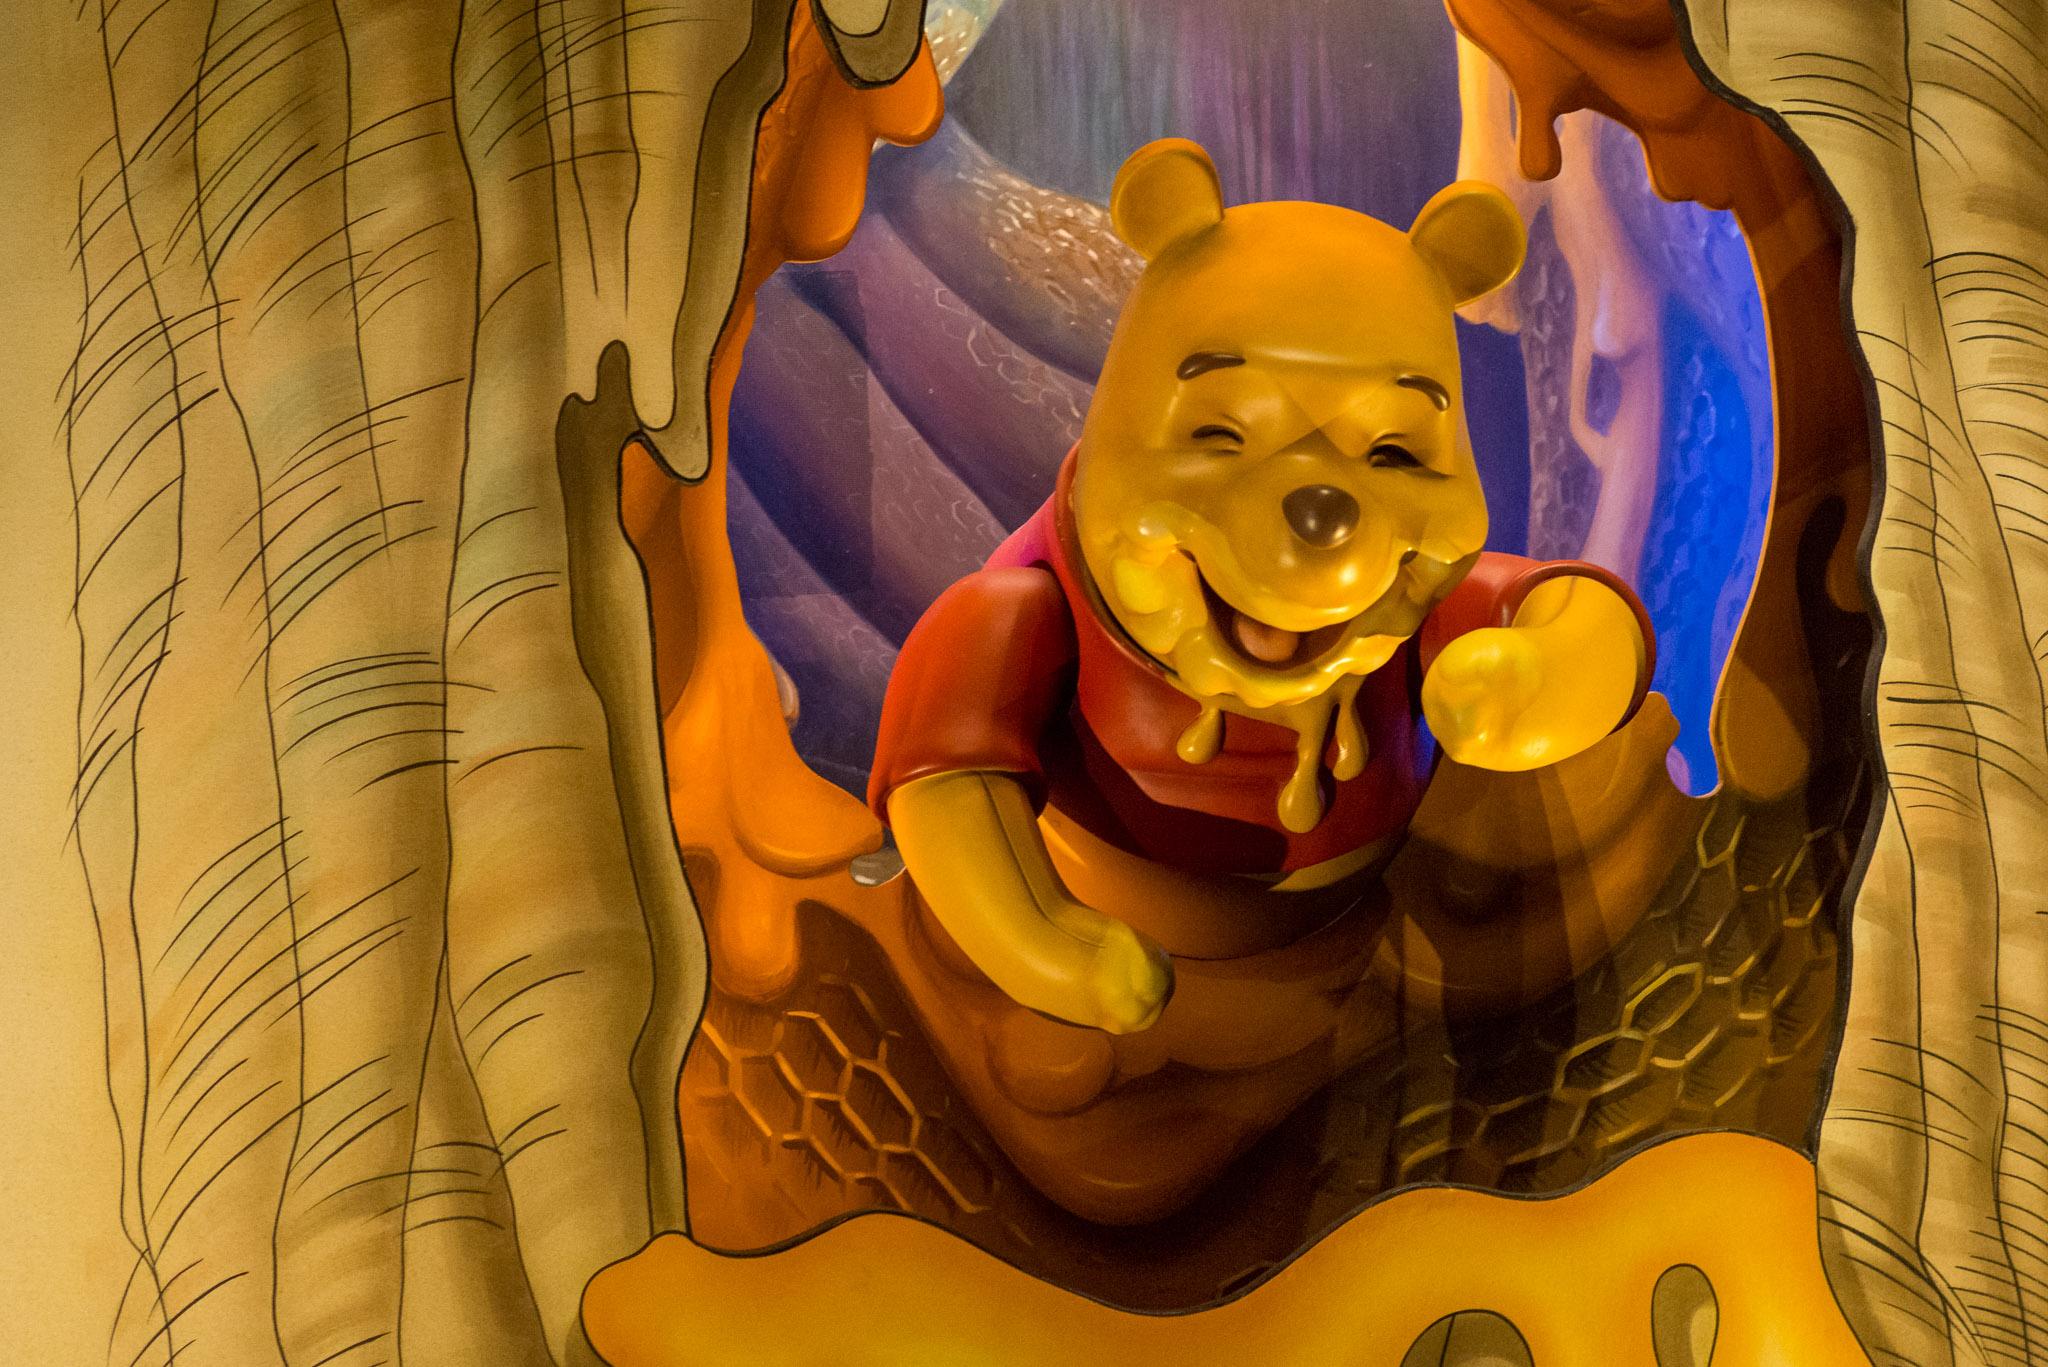 Winnie the Pooh - Walt Disney World Magic Kingdom